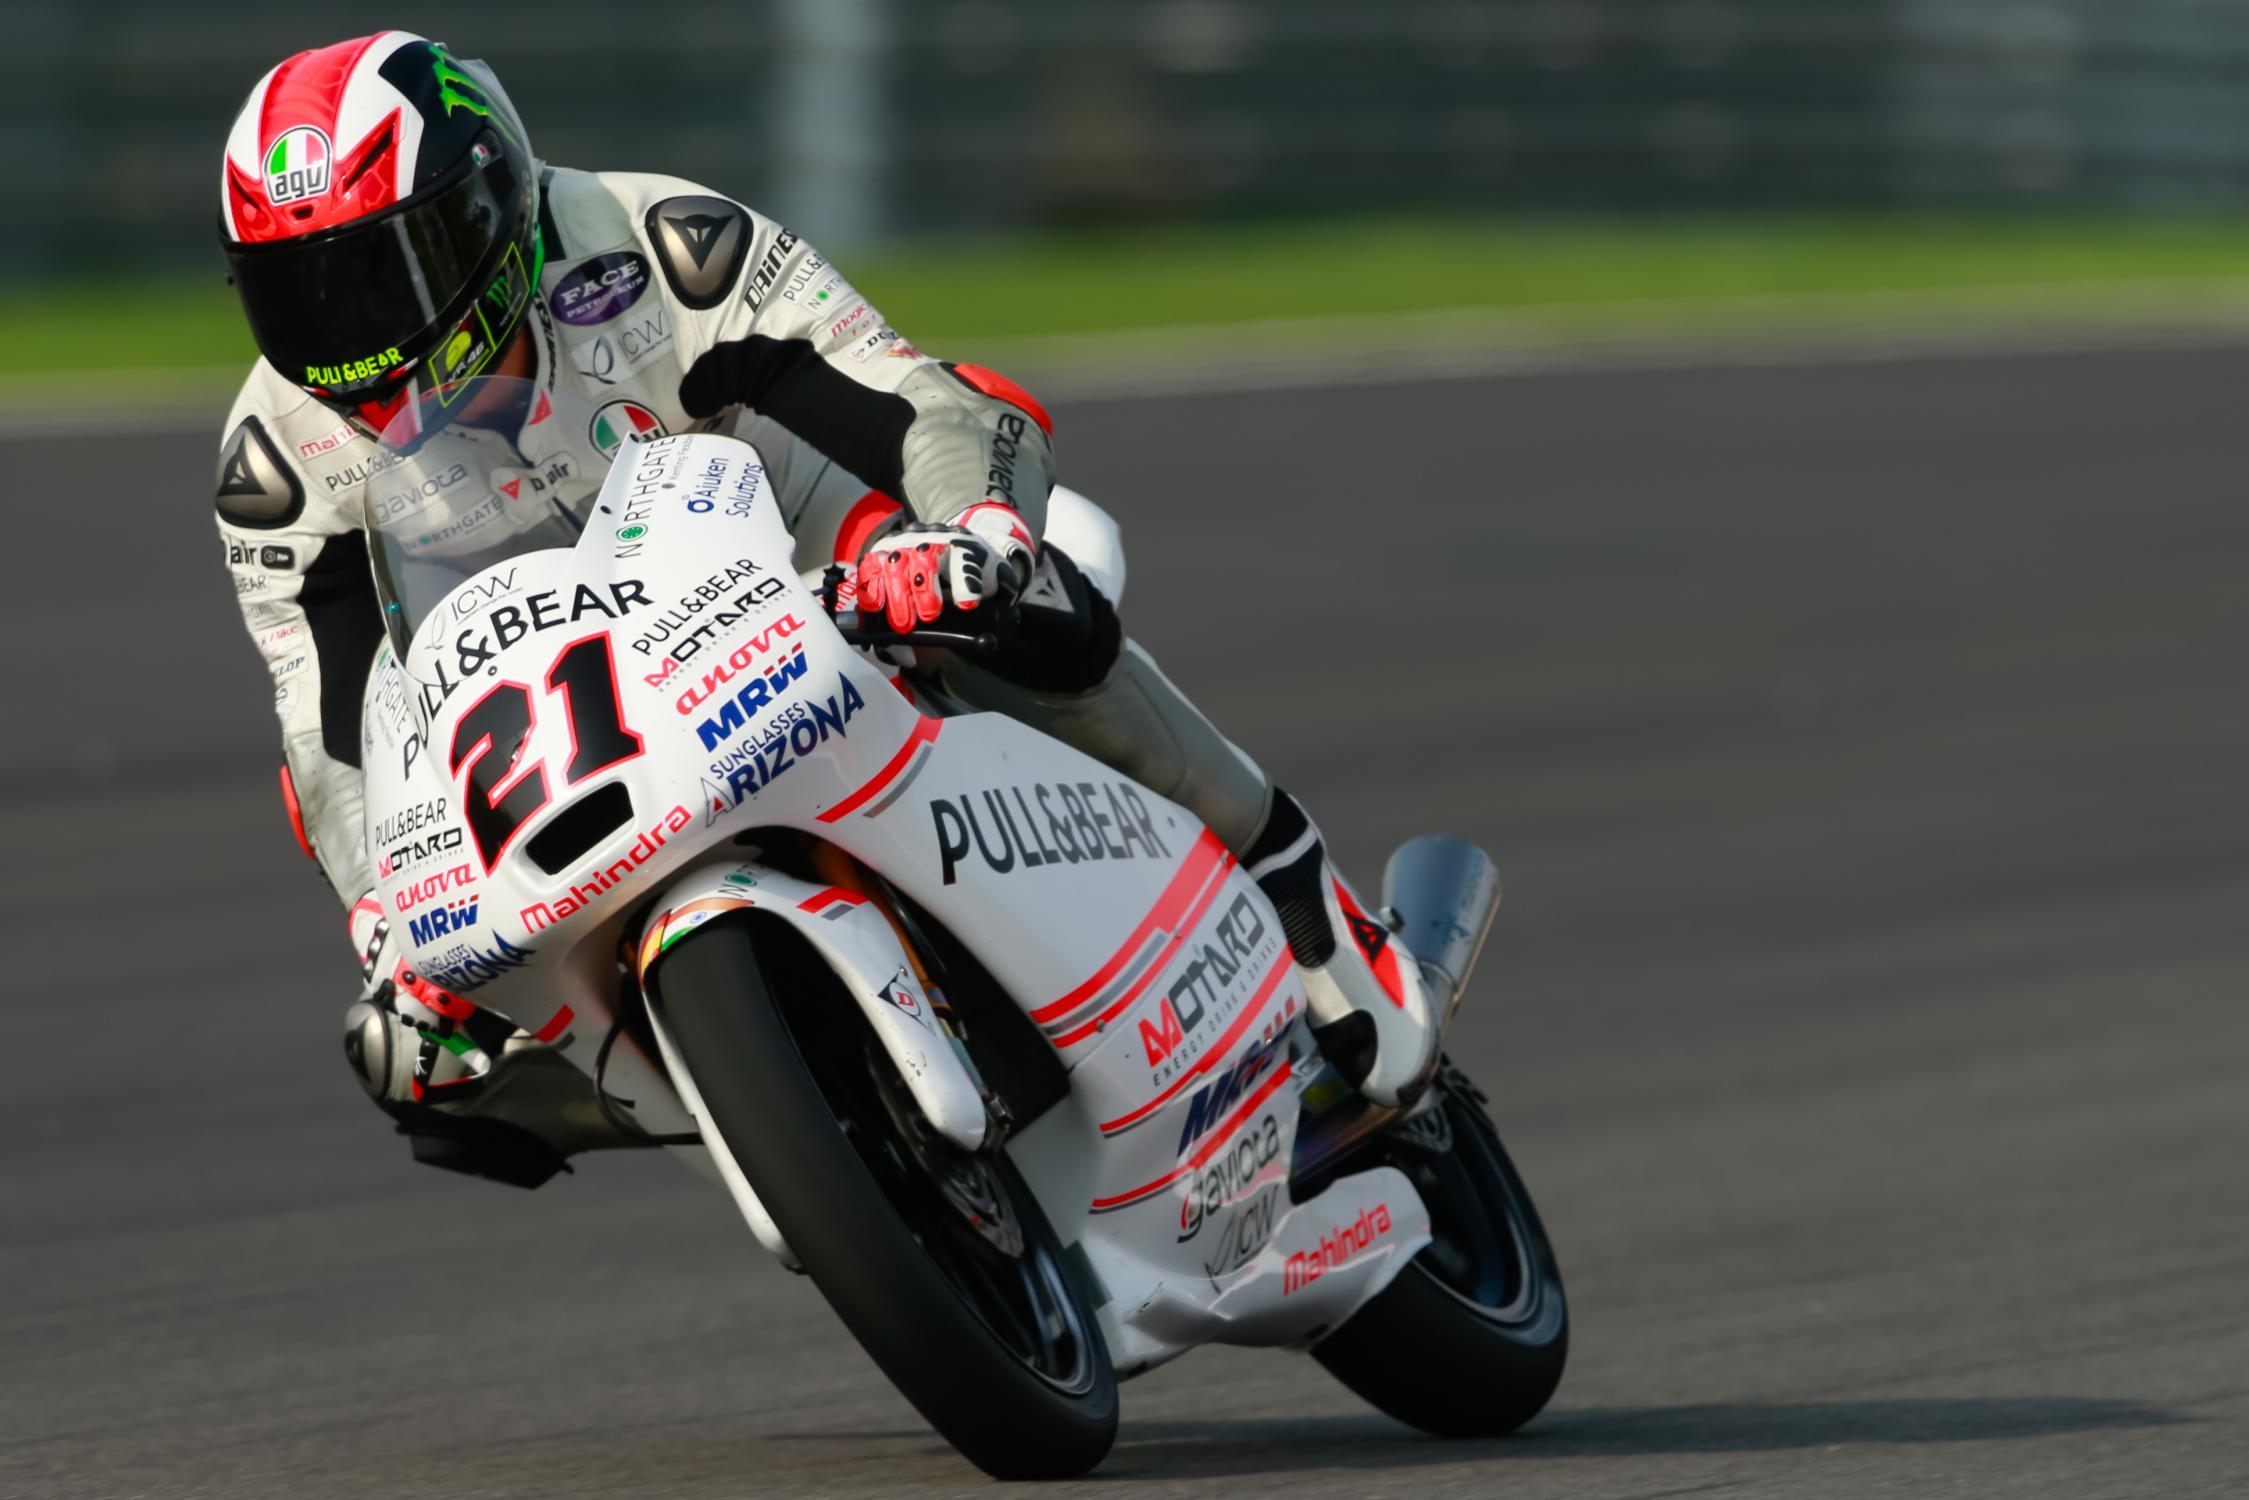 Seconda vittoria in stagione per Francesco Bagnaia, bravo a tenersi lontano dai guai in un GP di Malesia ad eliminazione (foto da: autonewsinfo.com)